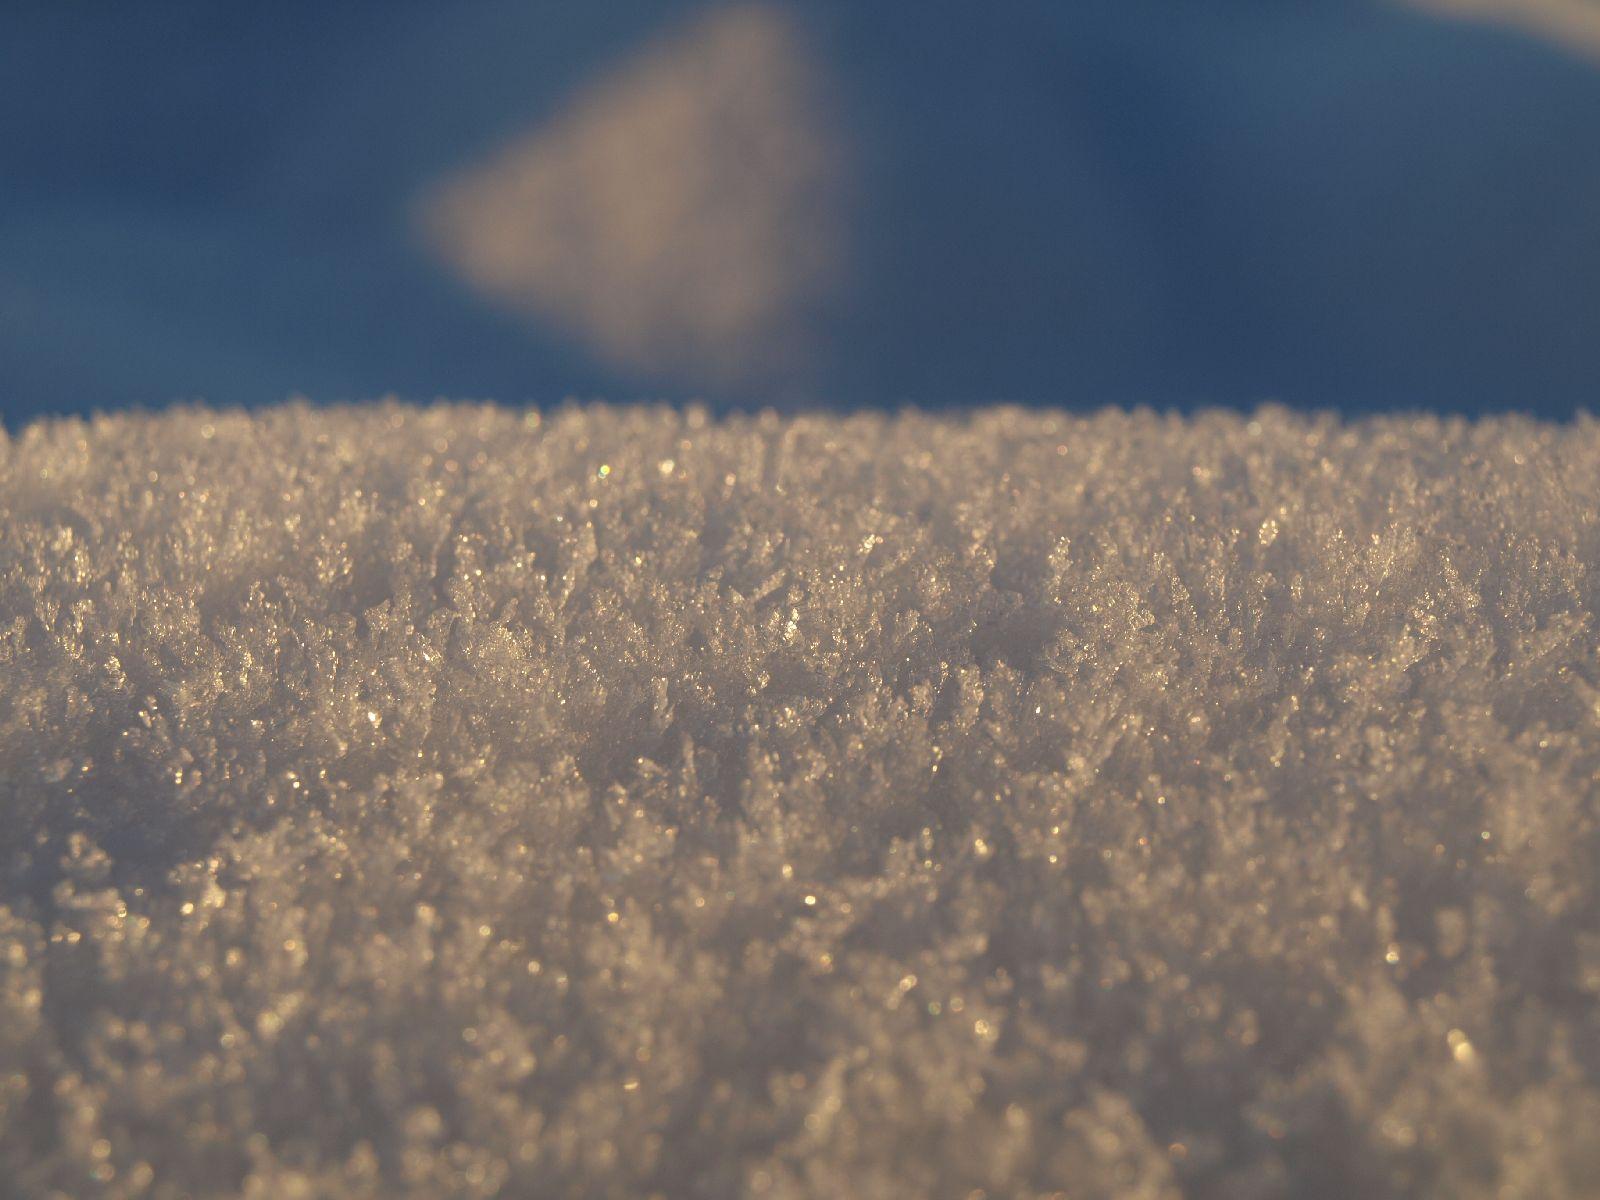 Schnee-Eis_Textur_A_P1109047